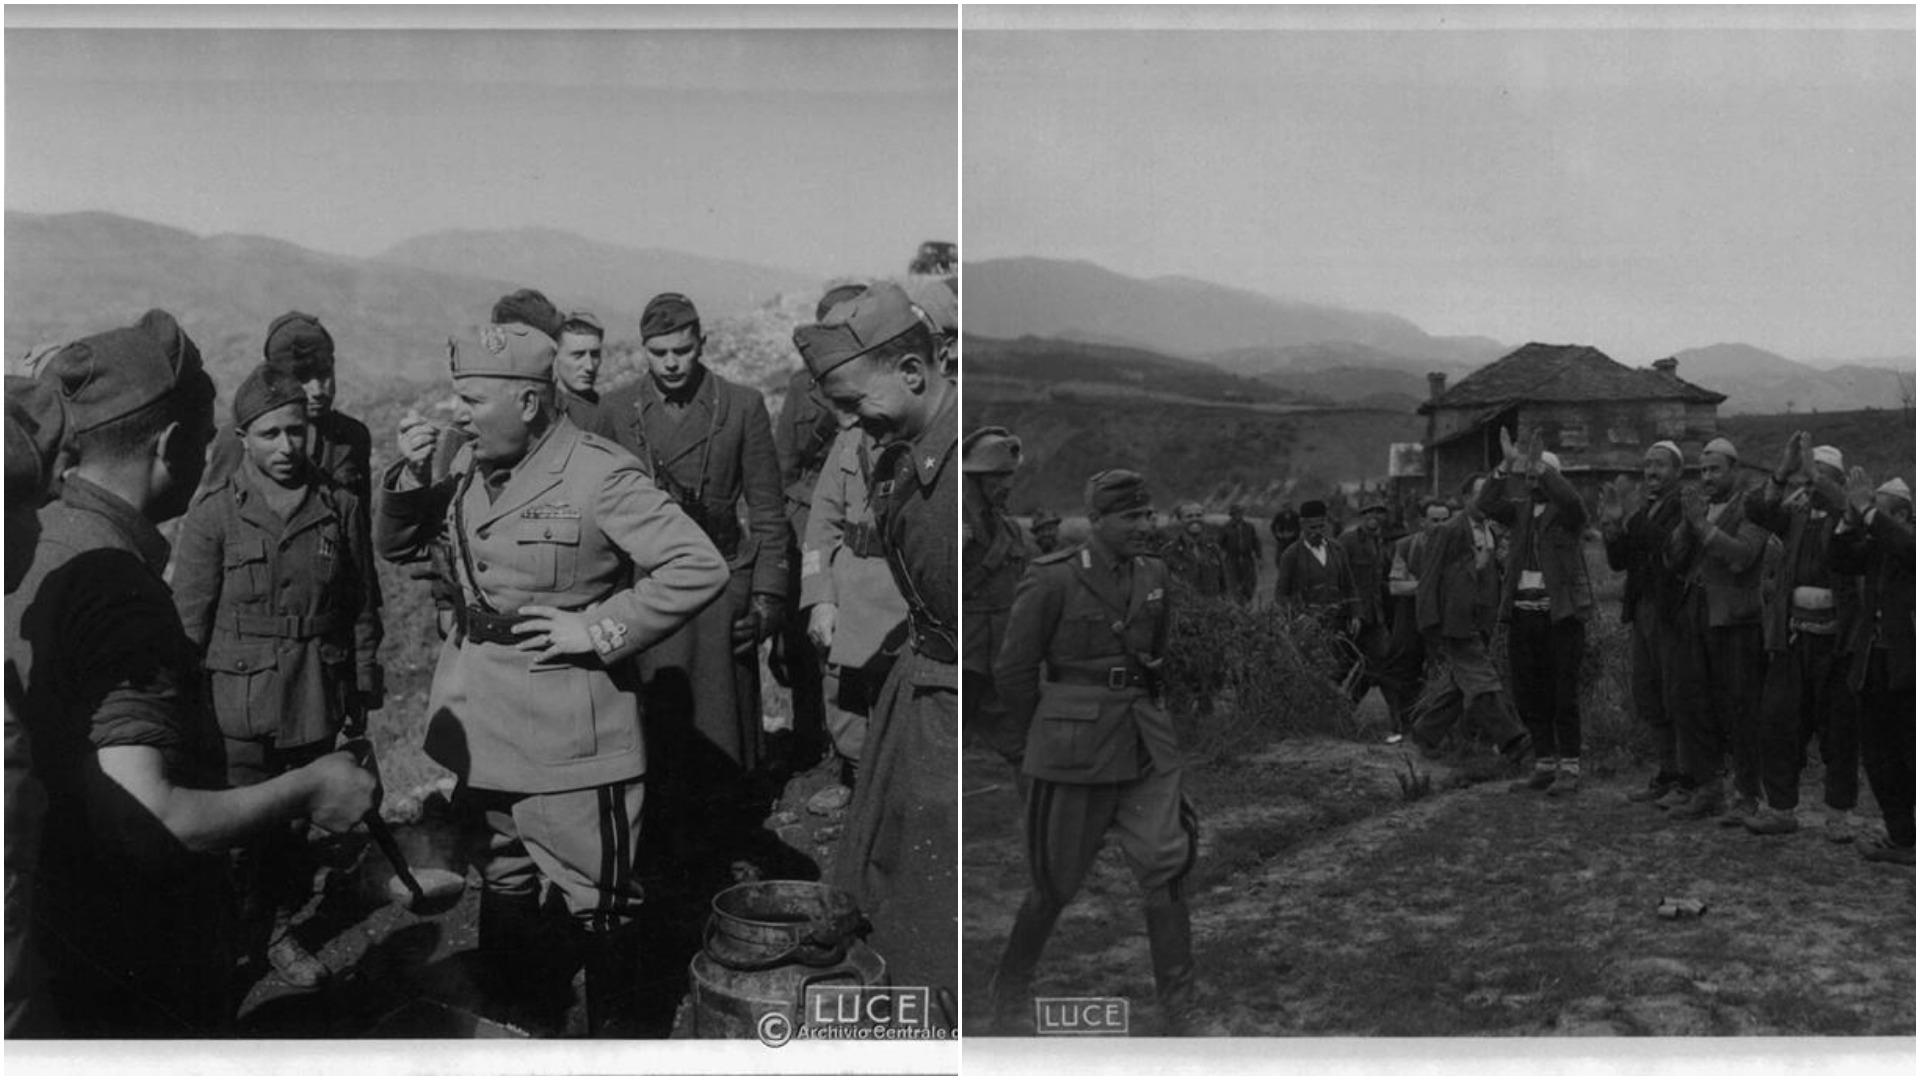 Dalin fotot e rralla nga vizita e Duçes në Shqipëri, çfarë i ndodhi diktatorit italian kur u largua